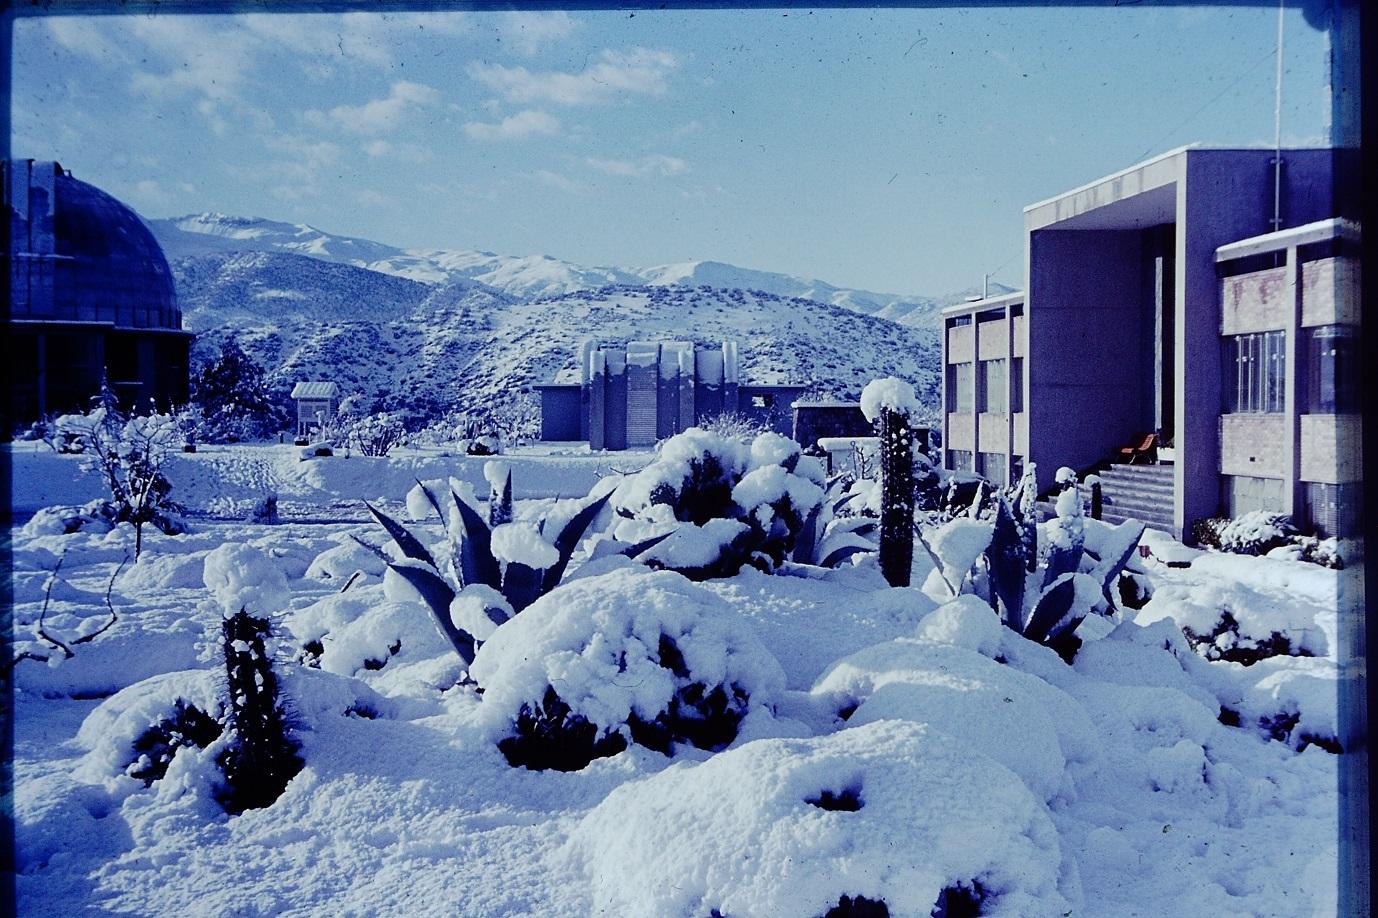 Enterreno - Fotos históricas de chile - fotos antiguas de Chile - DNevada en el Observatorio Cerro Calán en los 60s